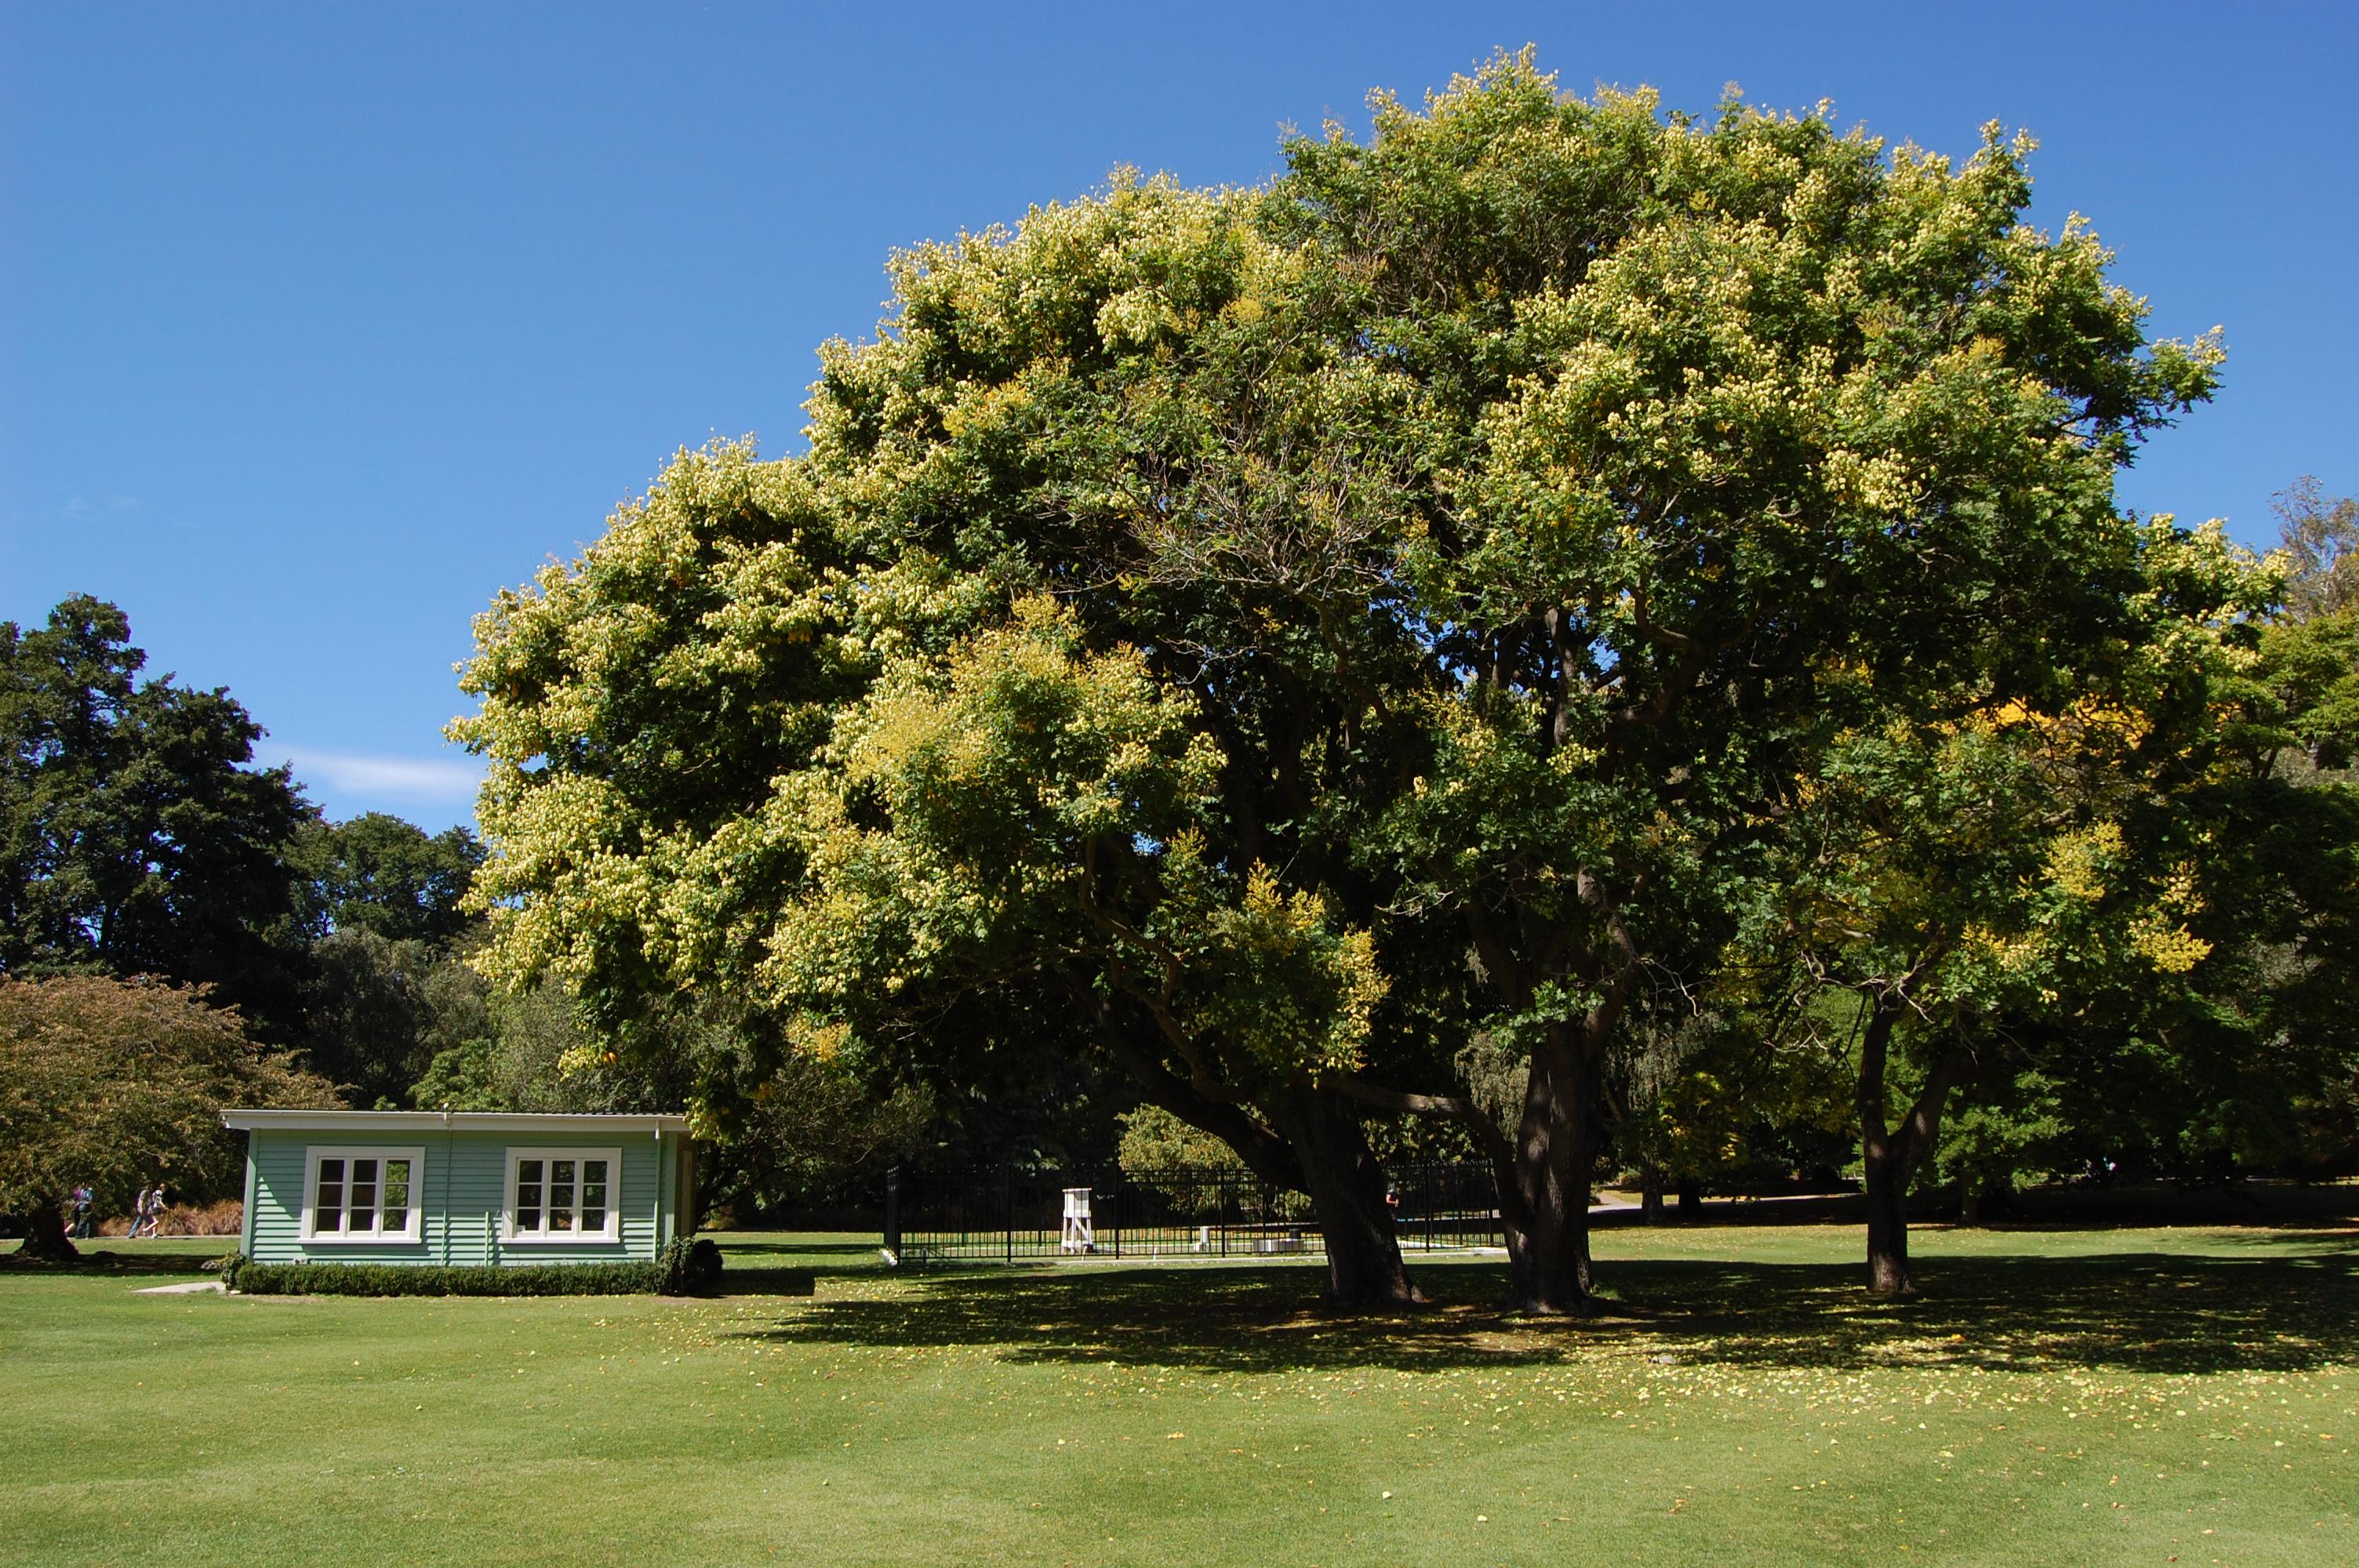 Strom s chajdou